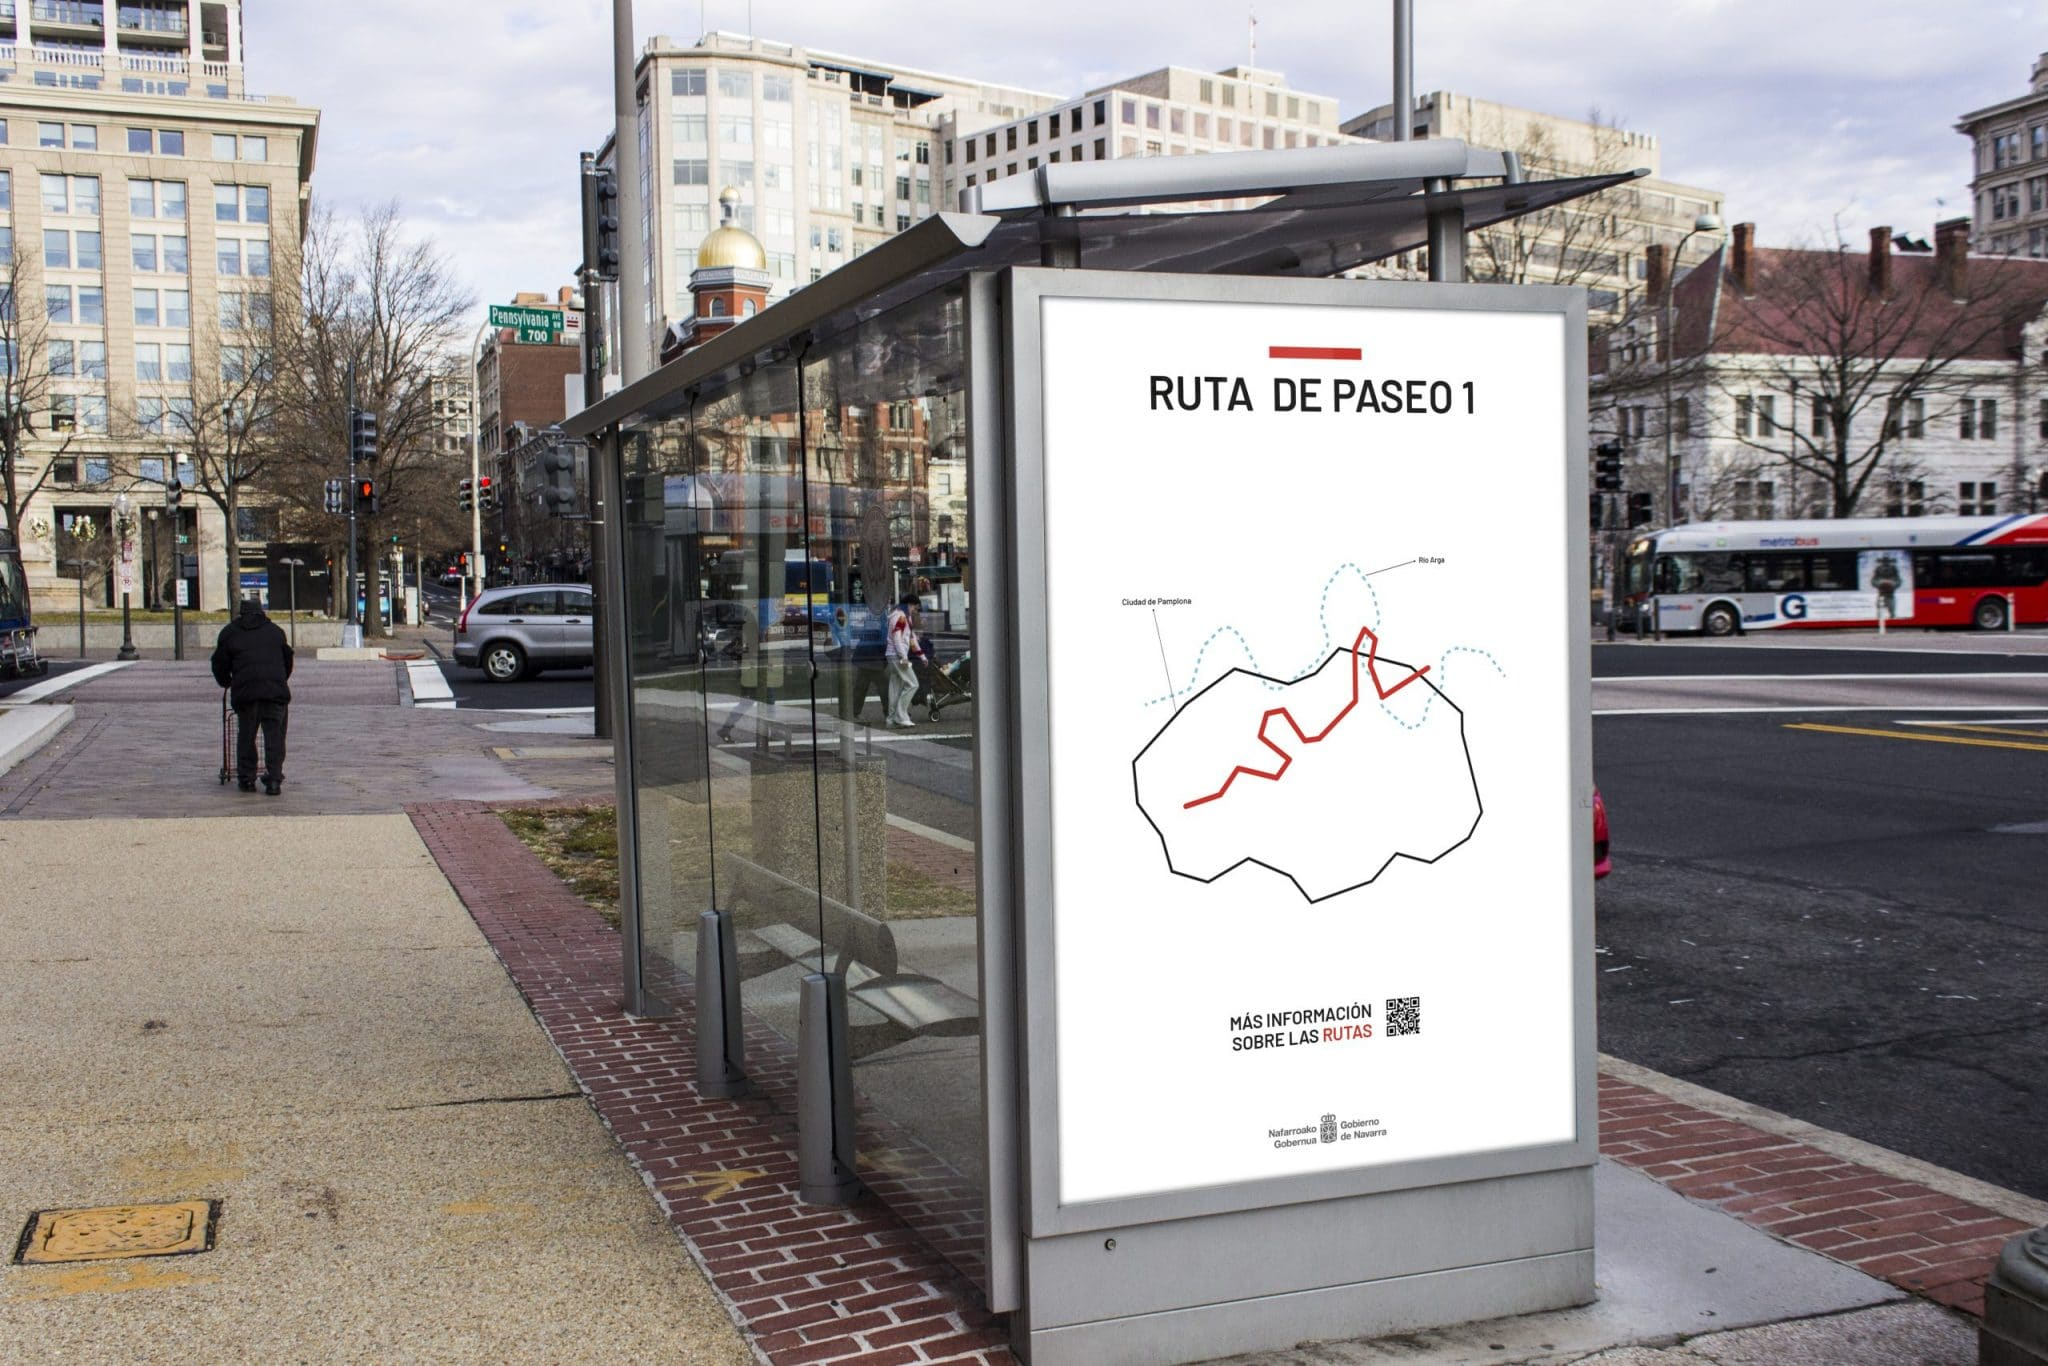 'el otoño que cuenta' campaña publicitaria elaborada por alumnado gráfico